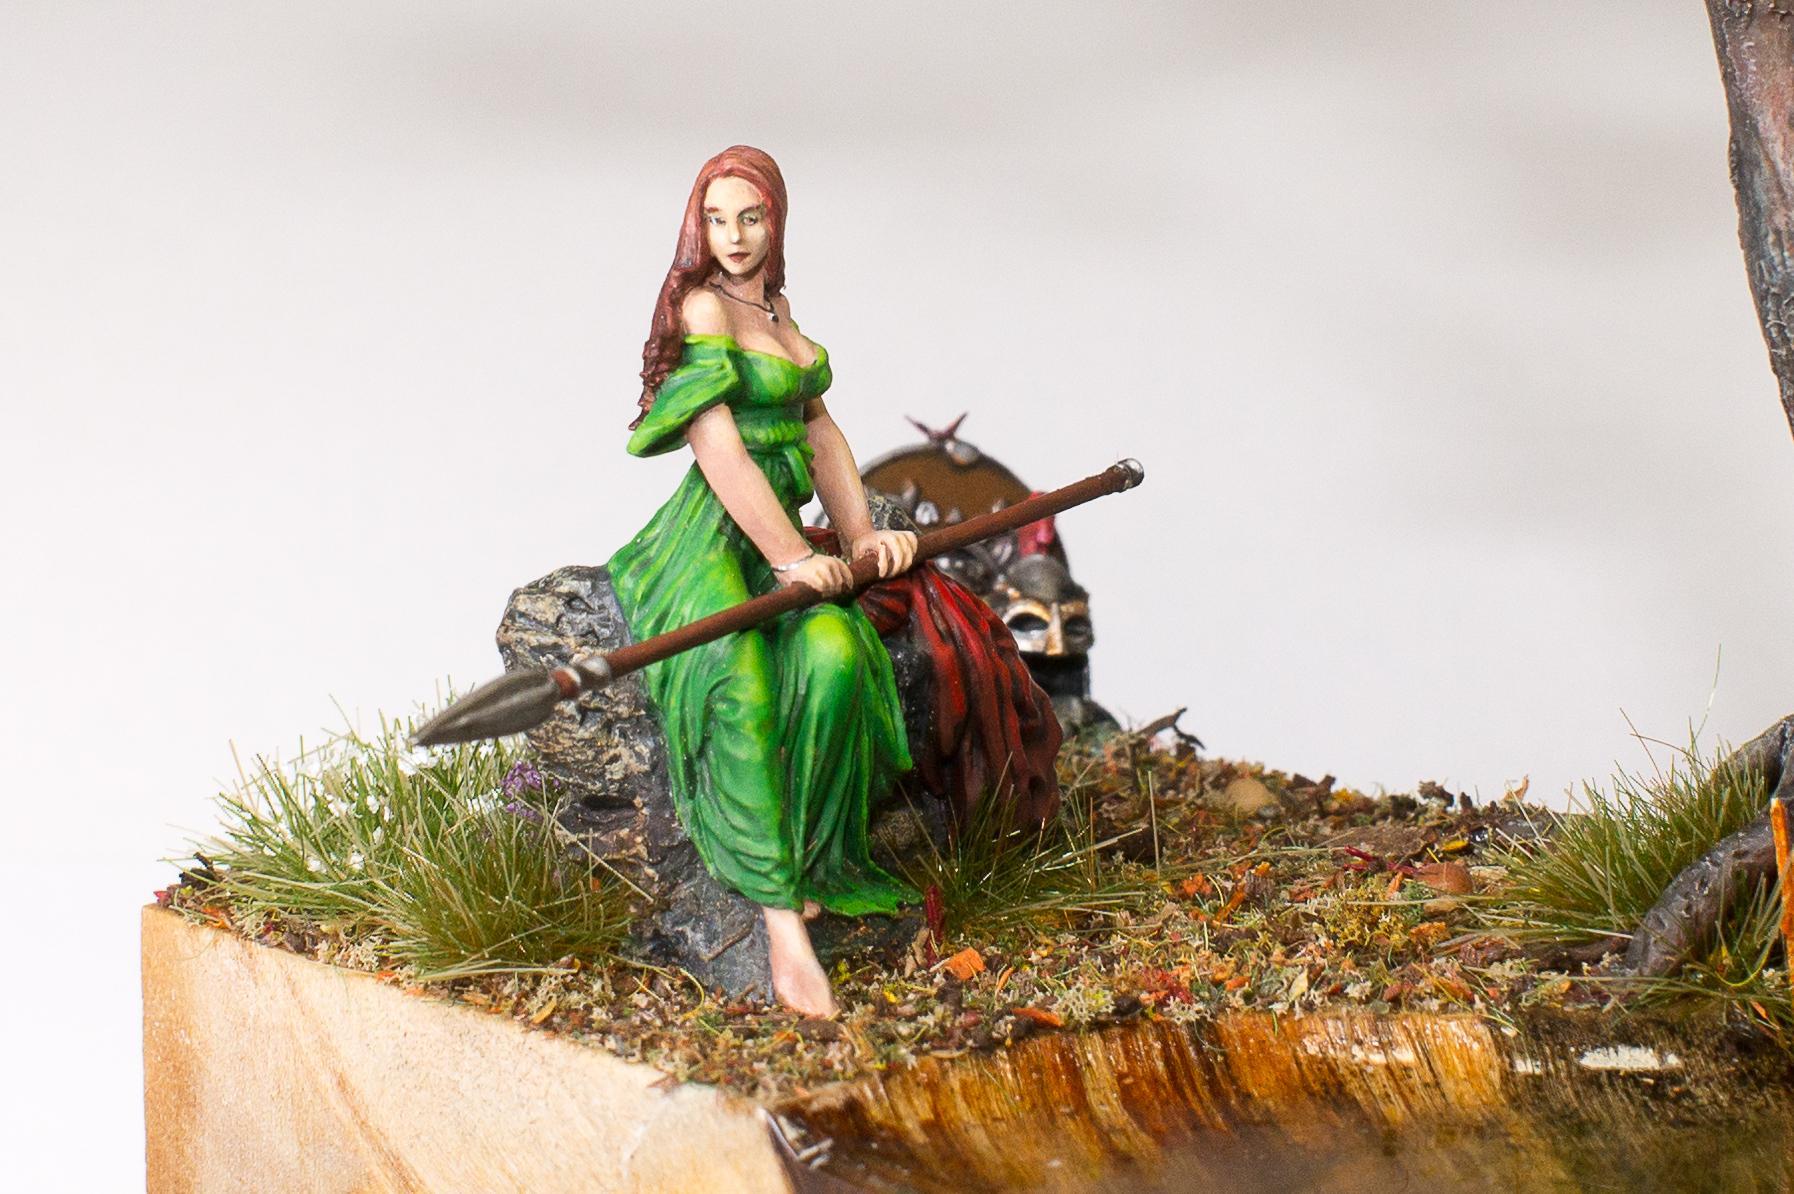 Kreimhild-fertig-9.jpg.7685c8220645bd14b602c9c5b41cf261.jpg